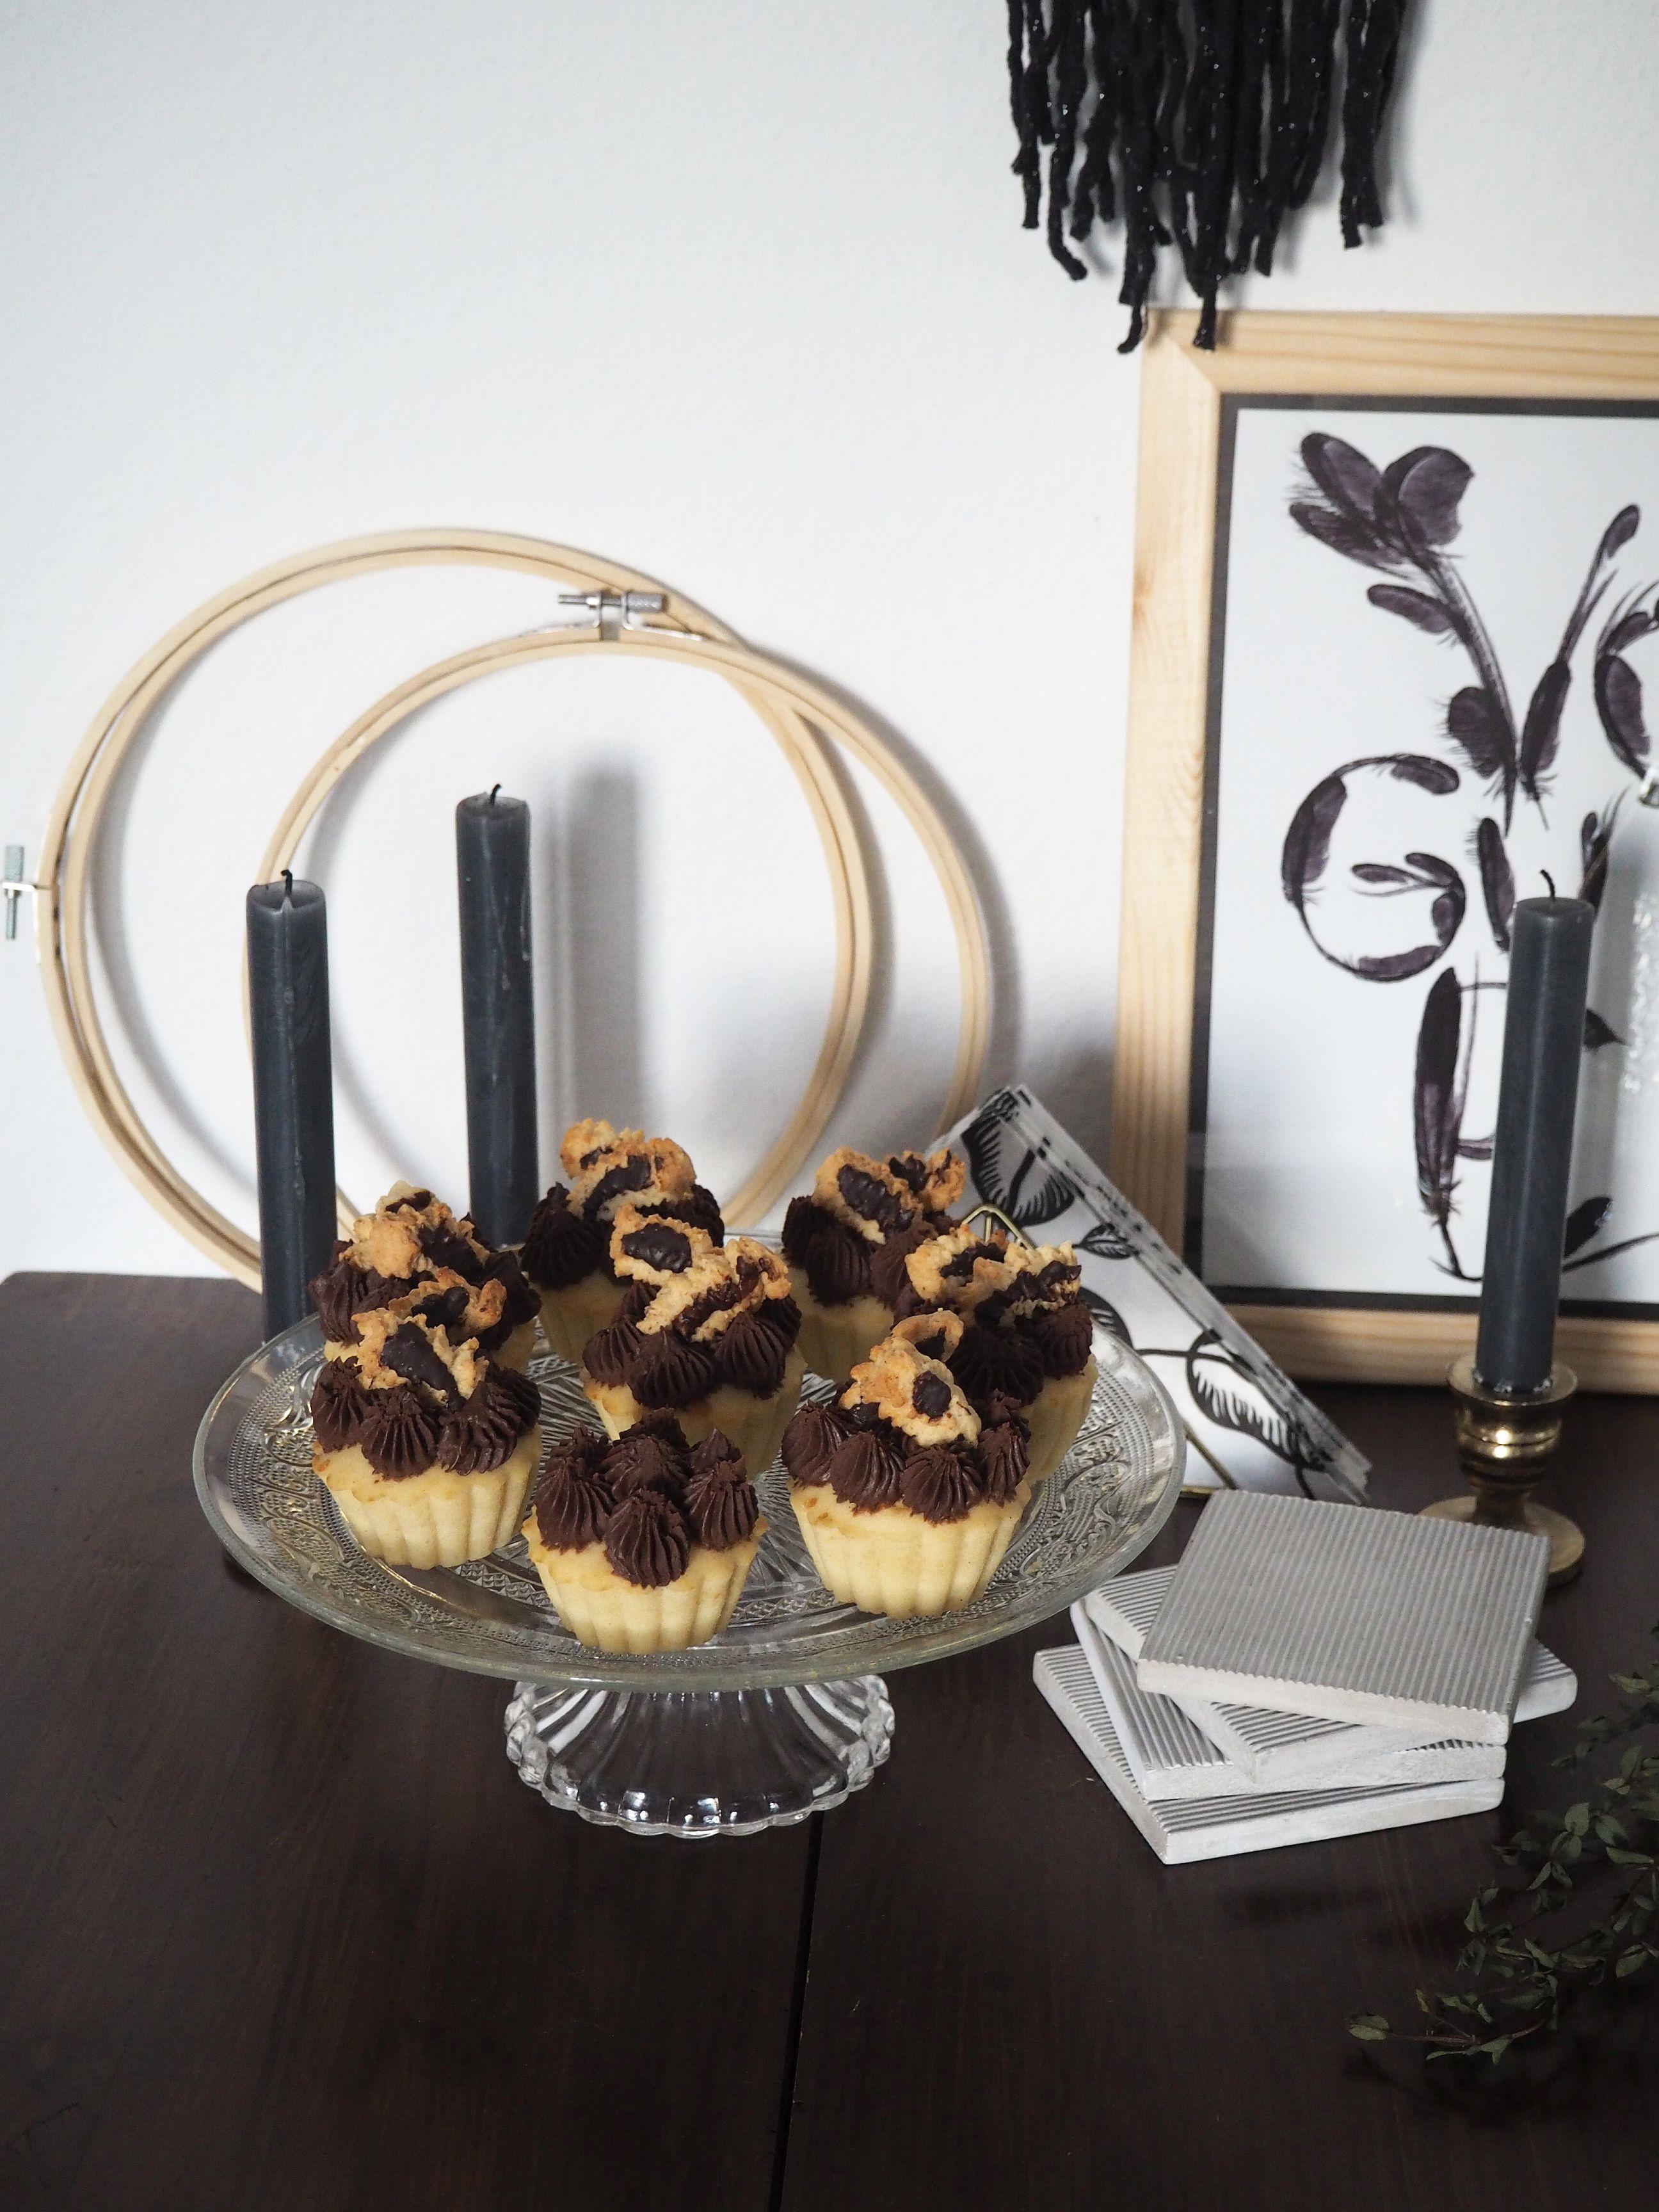 2018-01-skoen-och-kreativ-food-cookies-cake-love-vanilla-chocolate-cupcakes (9)